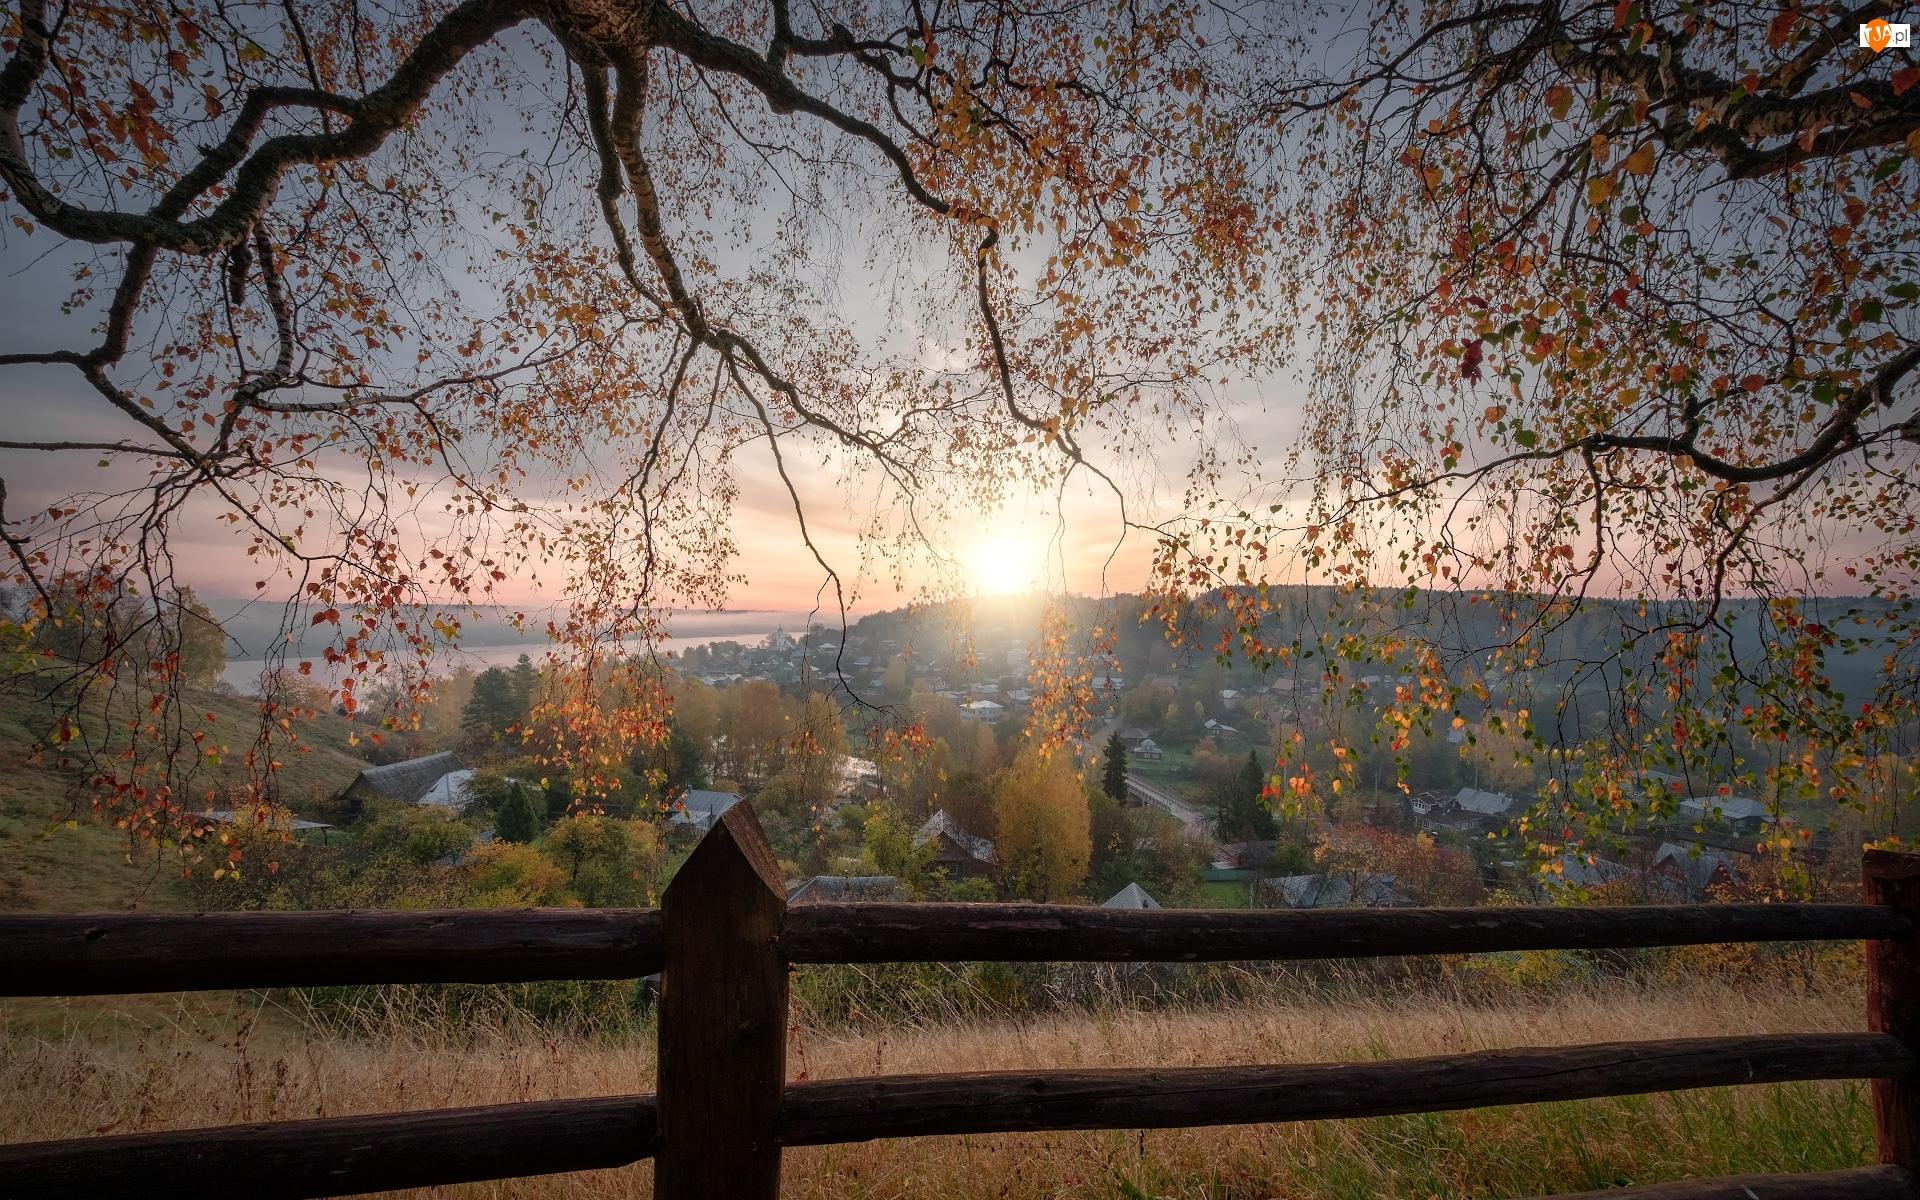 Plos, Domy, Brzozy, Obwód iwanowski, Ogrodzenie, Wschód słońca, Rosja, Drzewa